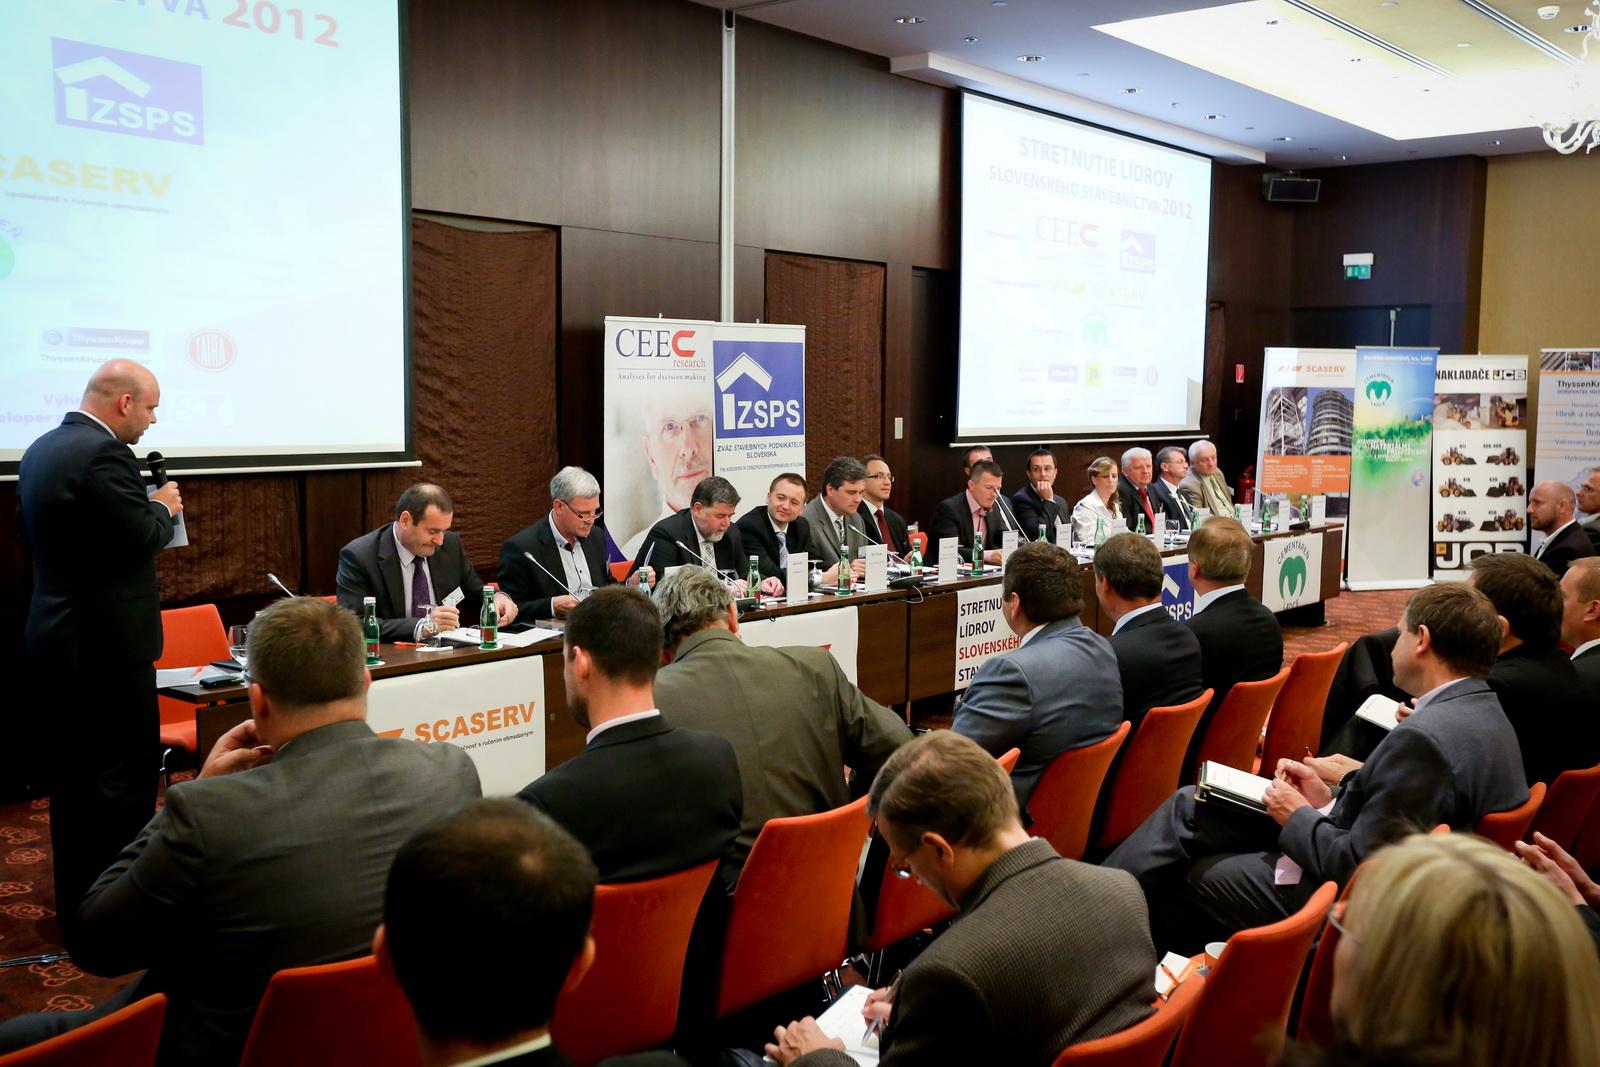 stretnutie lidrov slovenskeho stavebnictva 2012 h2 6206 big image